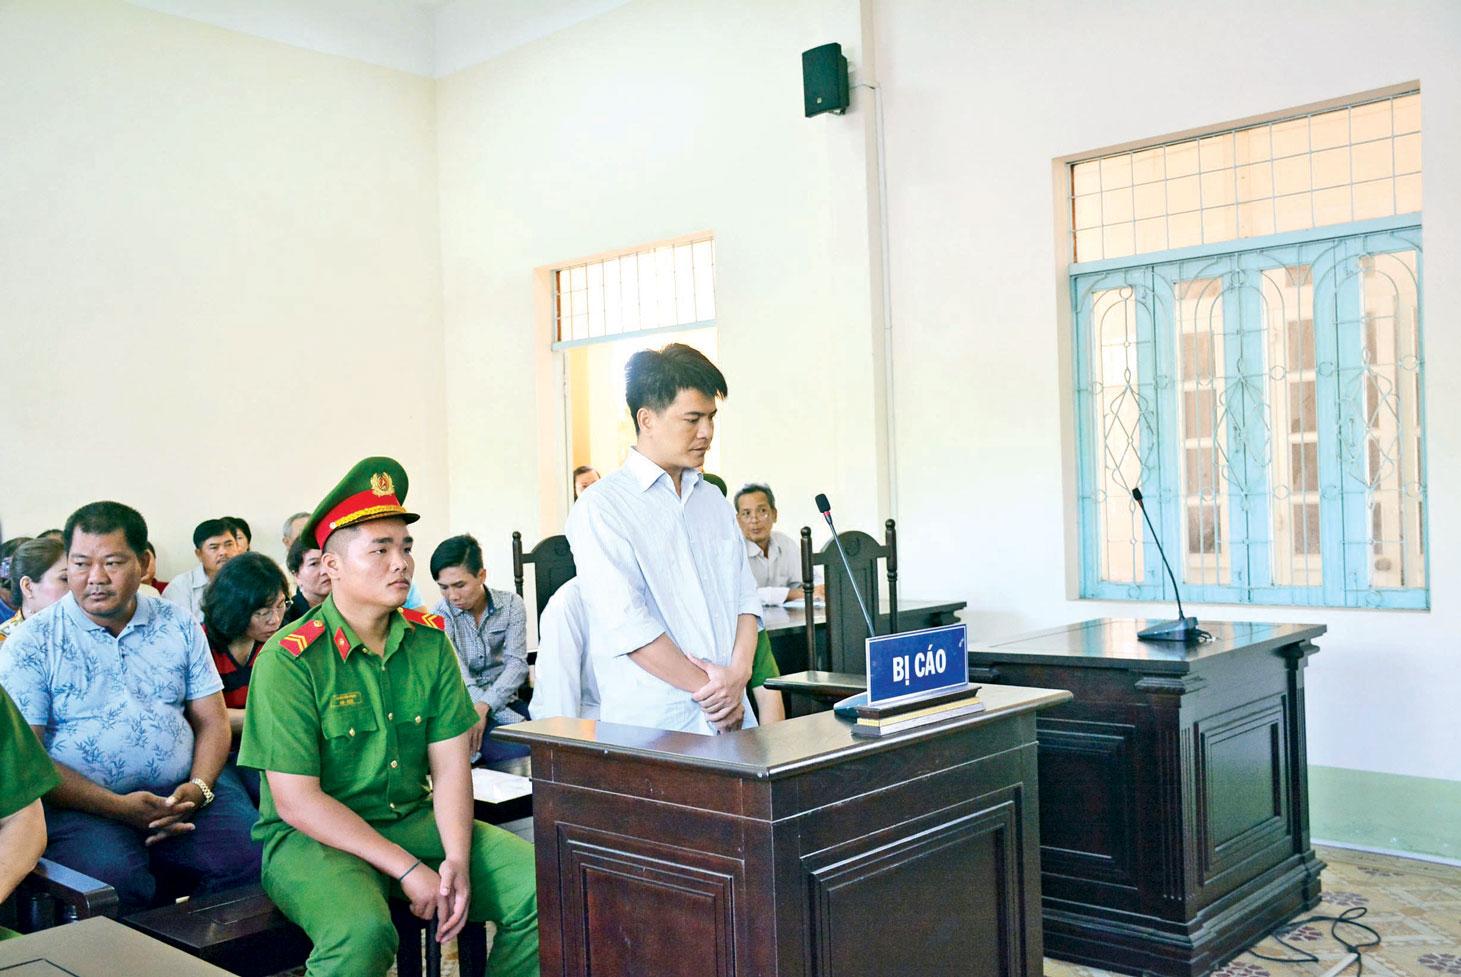 Bị cáo Phạm Thành Hiếu nhận mức án 12 năm  tù sau khi gây ra vụ tai nạn thảm khốc tại  Ngã 4 Bình Nhựt